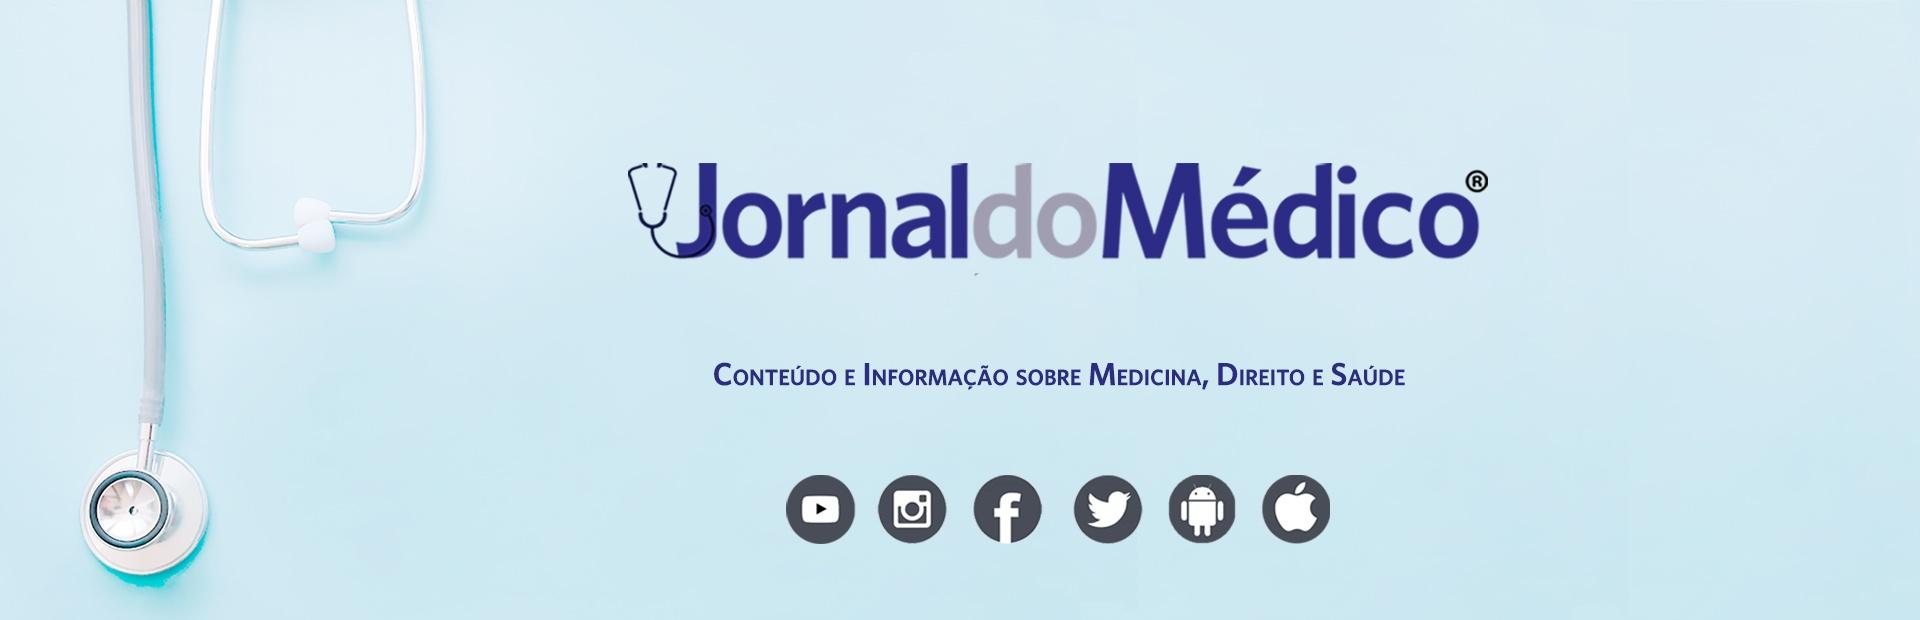 Mídia Jornal do Médico Saúde Medicina Enfermagem Conteúdo Informação